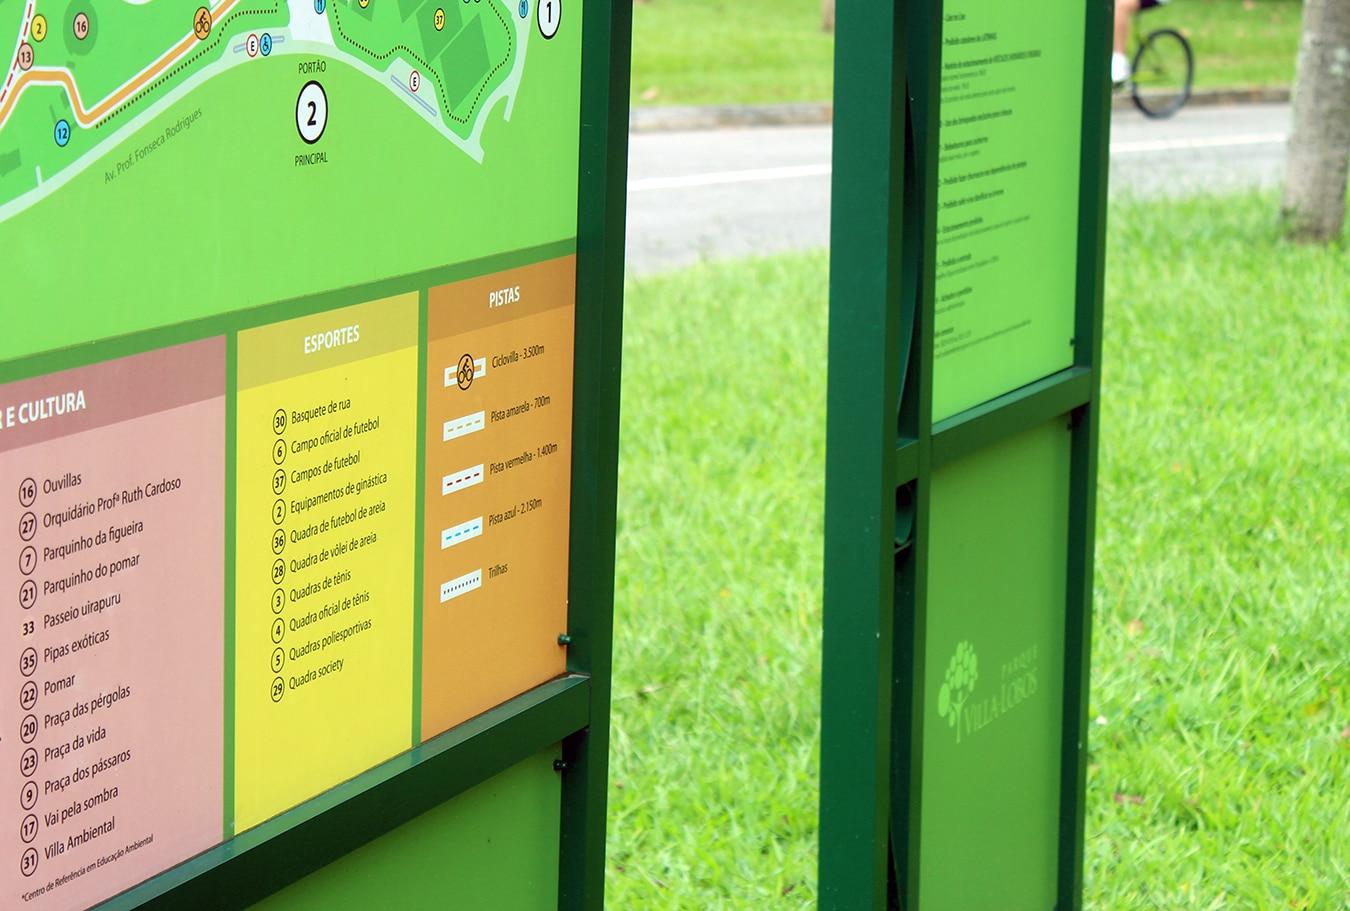 Parque Villa Lobos Sinalização 3 Refigueiredo